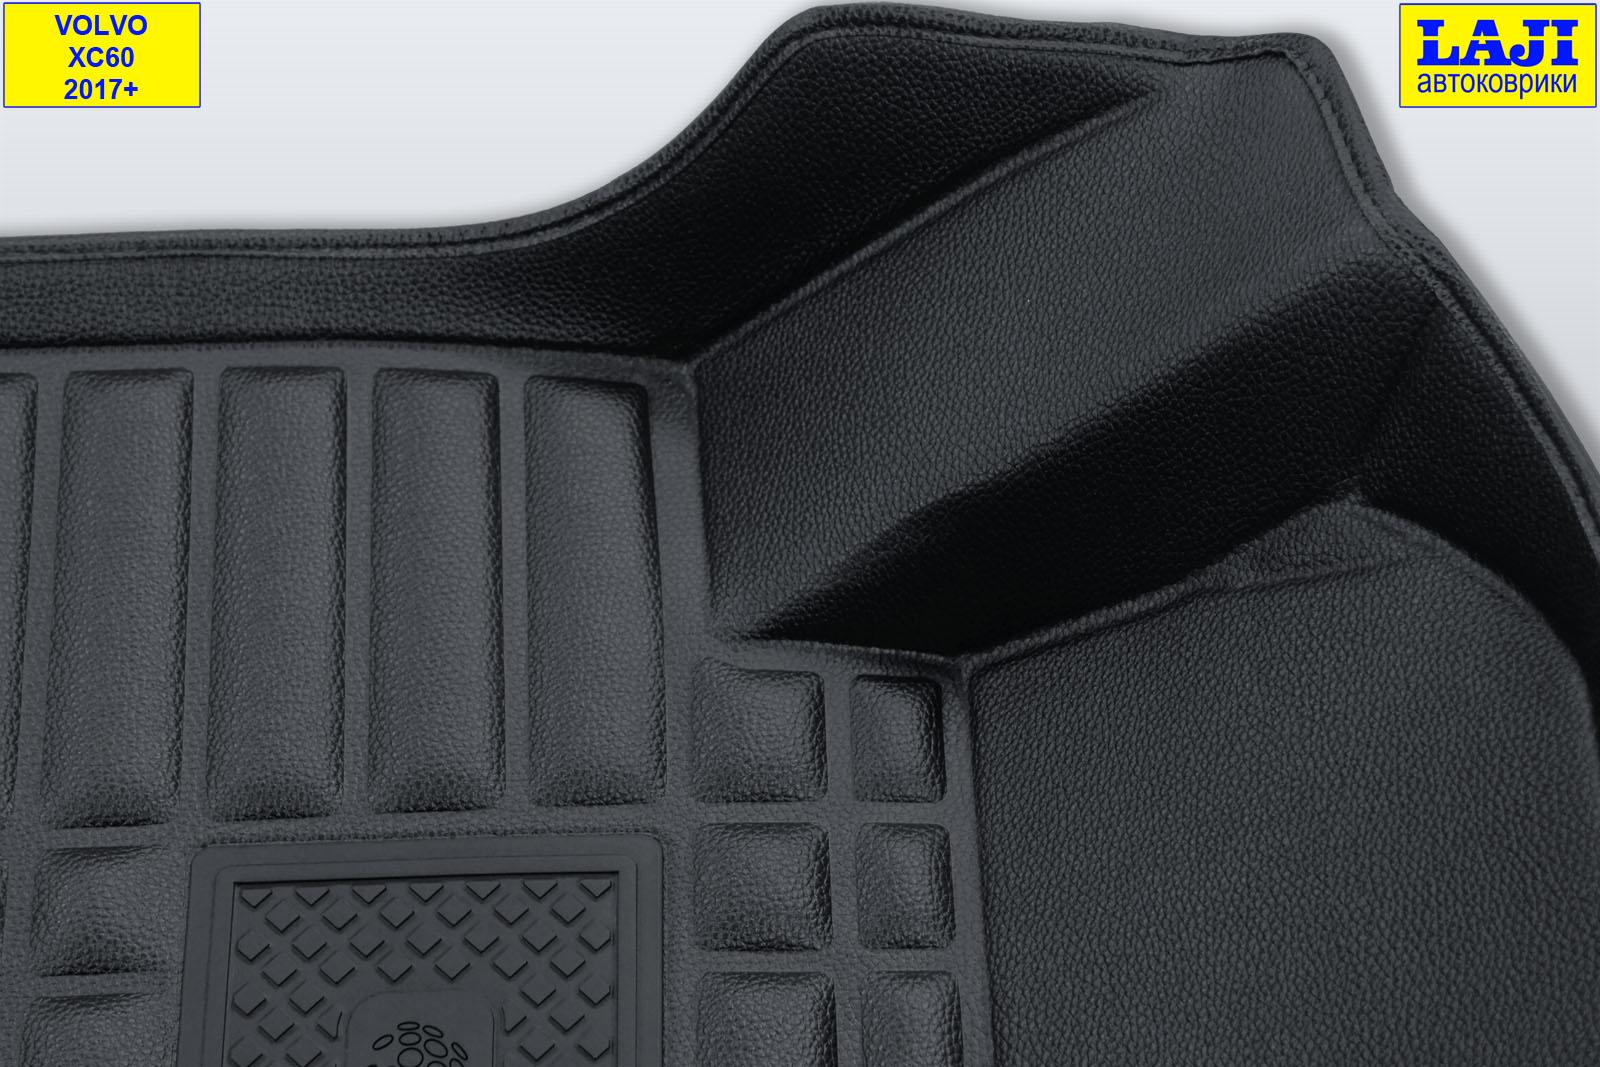 5D коврики в салон Volvo XC60 II 2017-н.в. 6